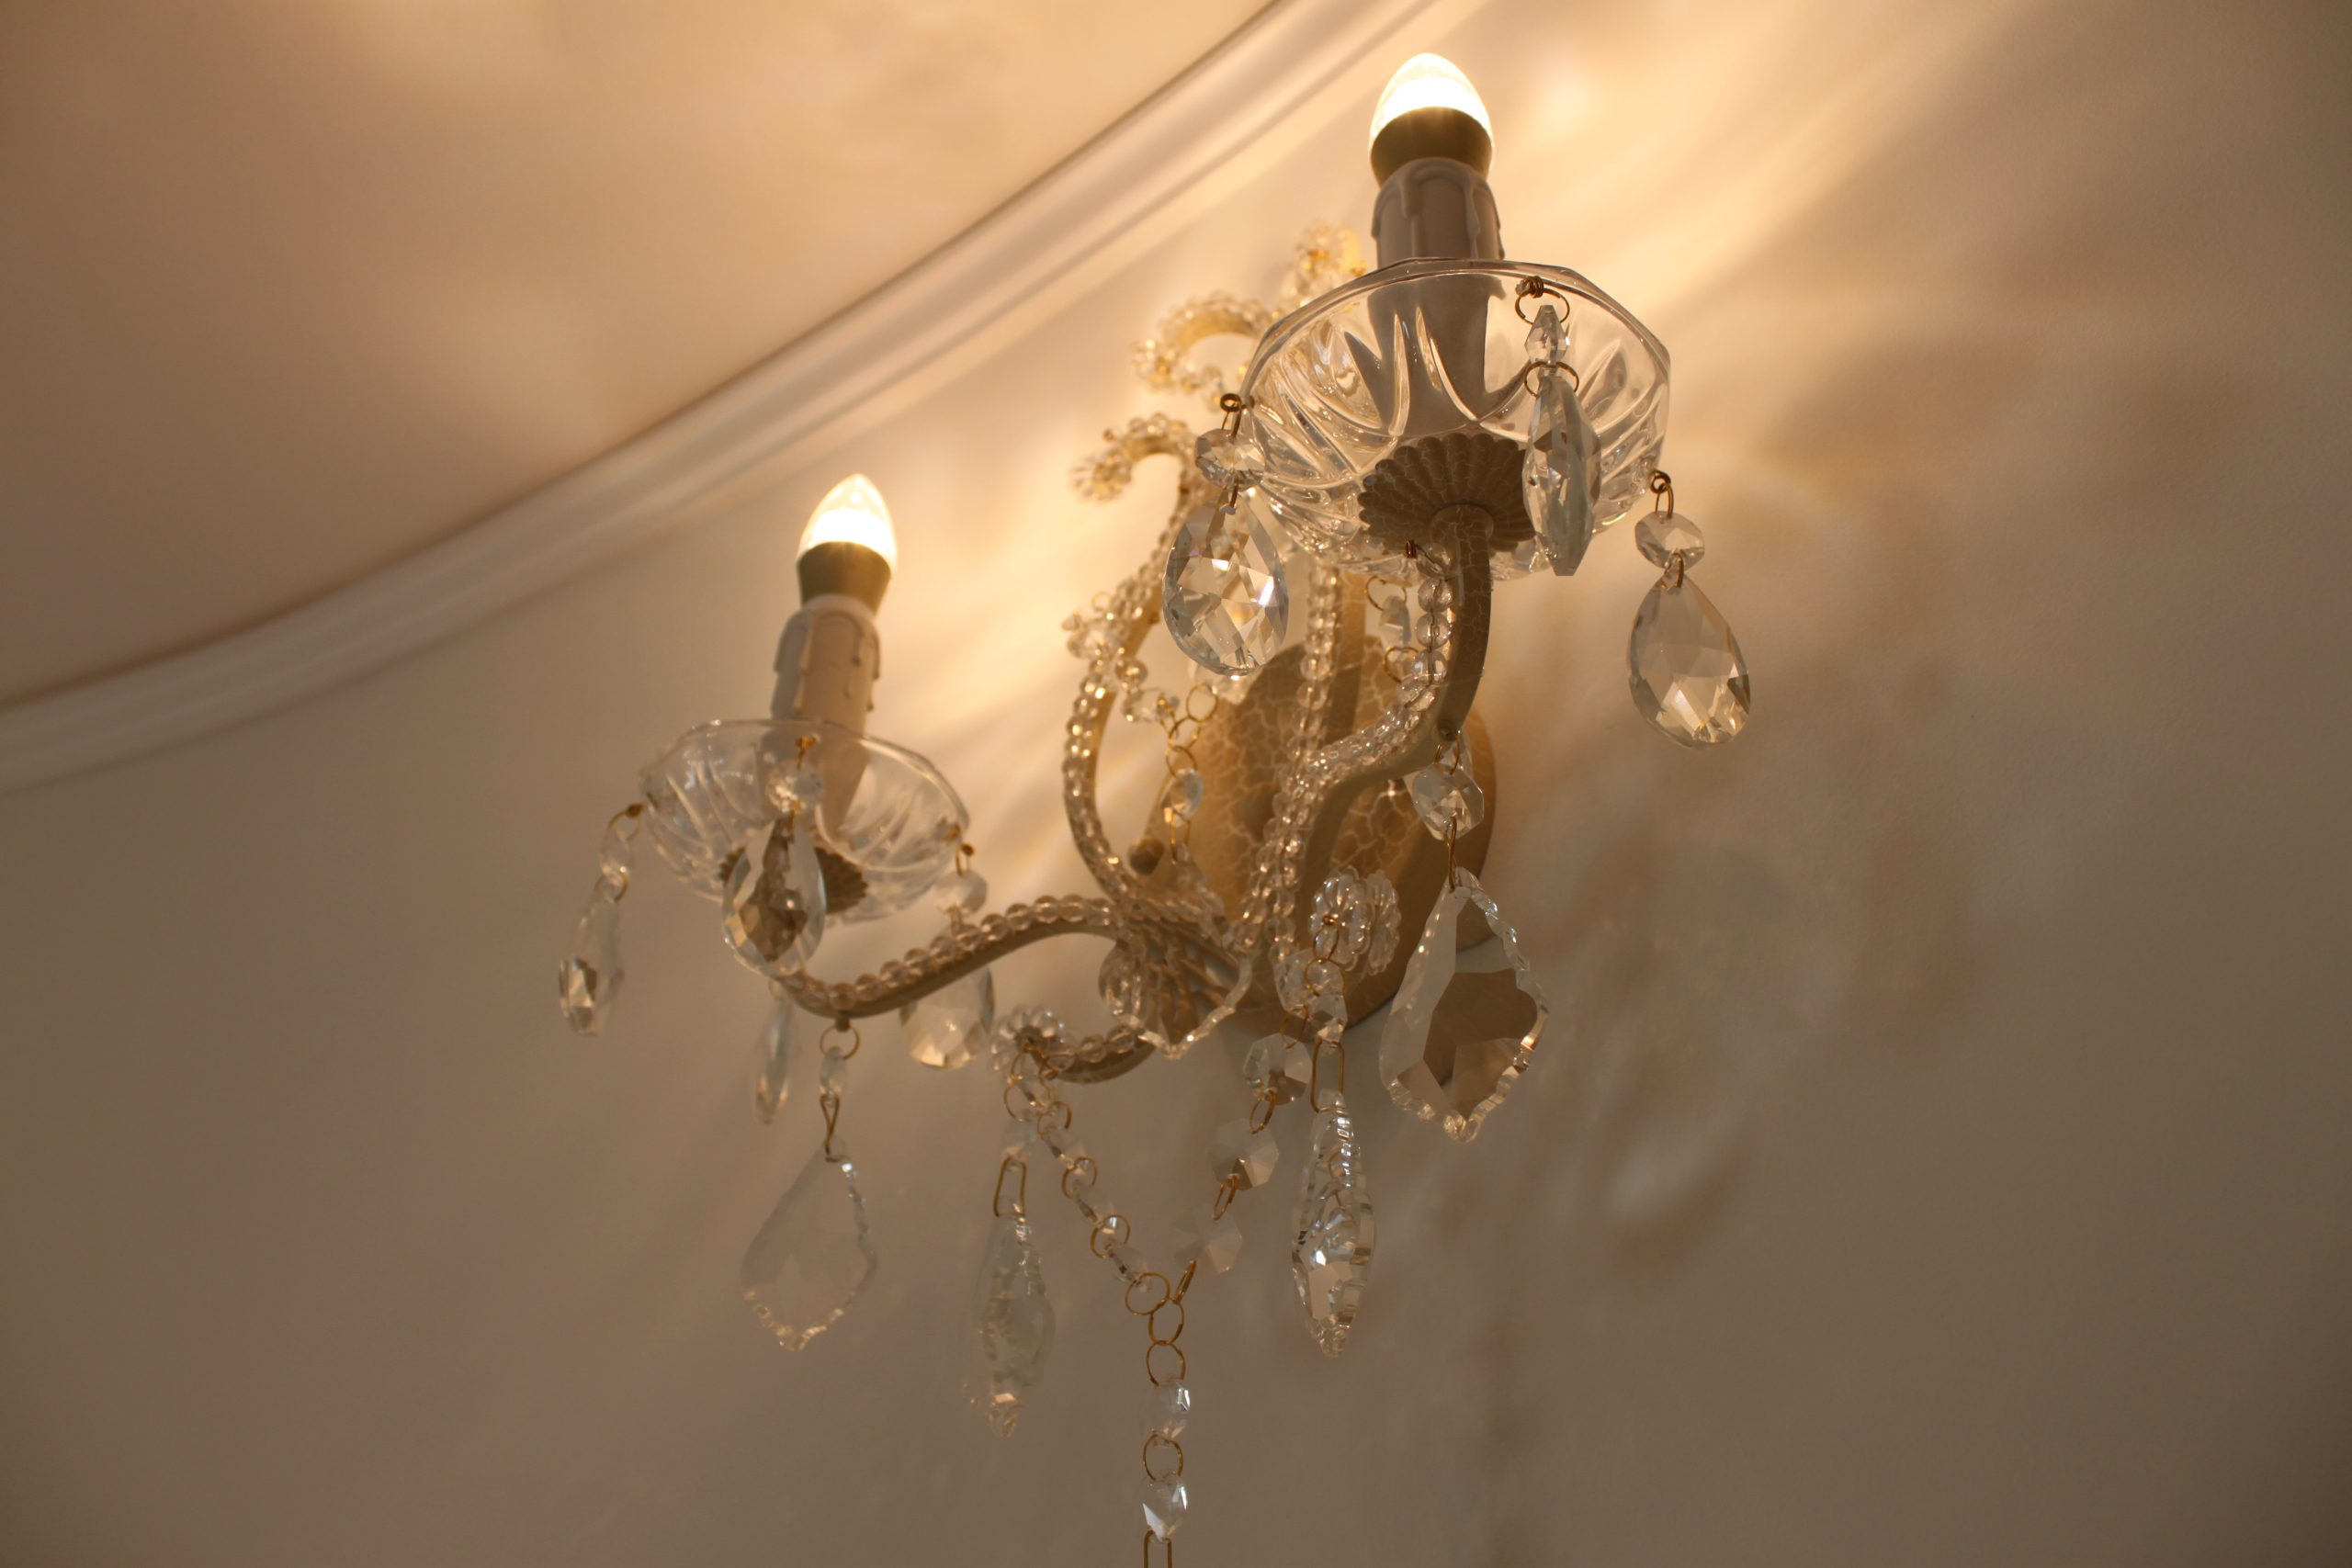 シャンデリアとセットの、きらめくブラケット照明。